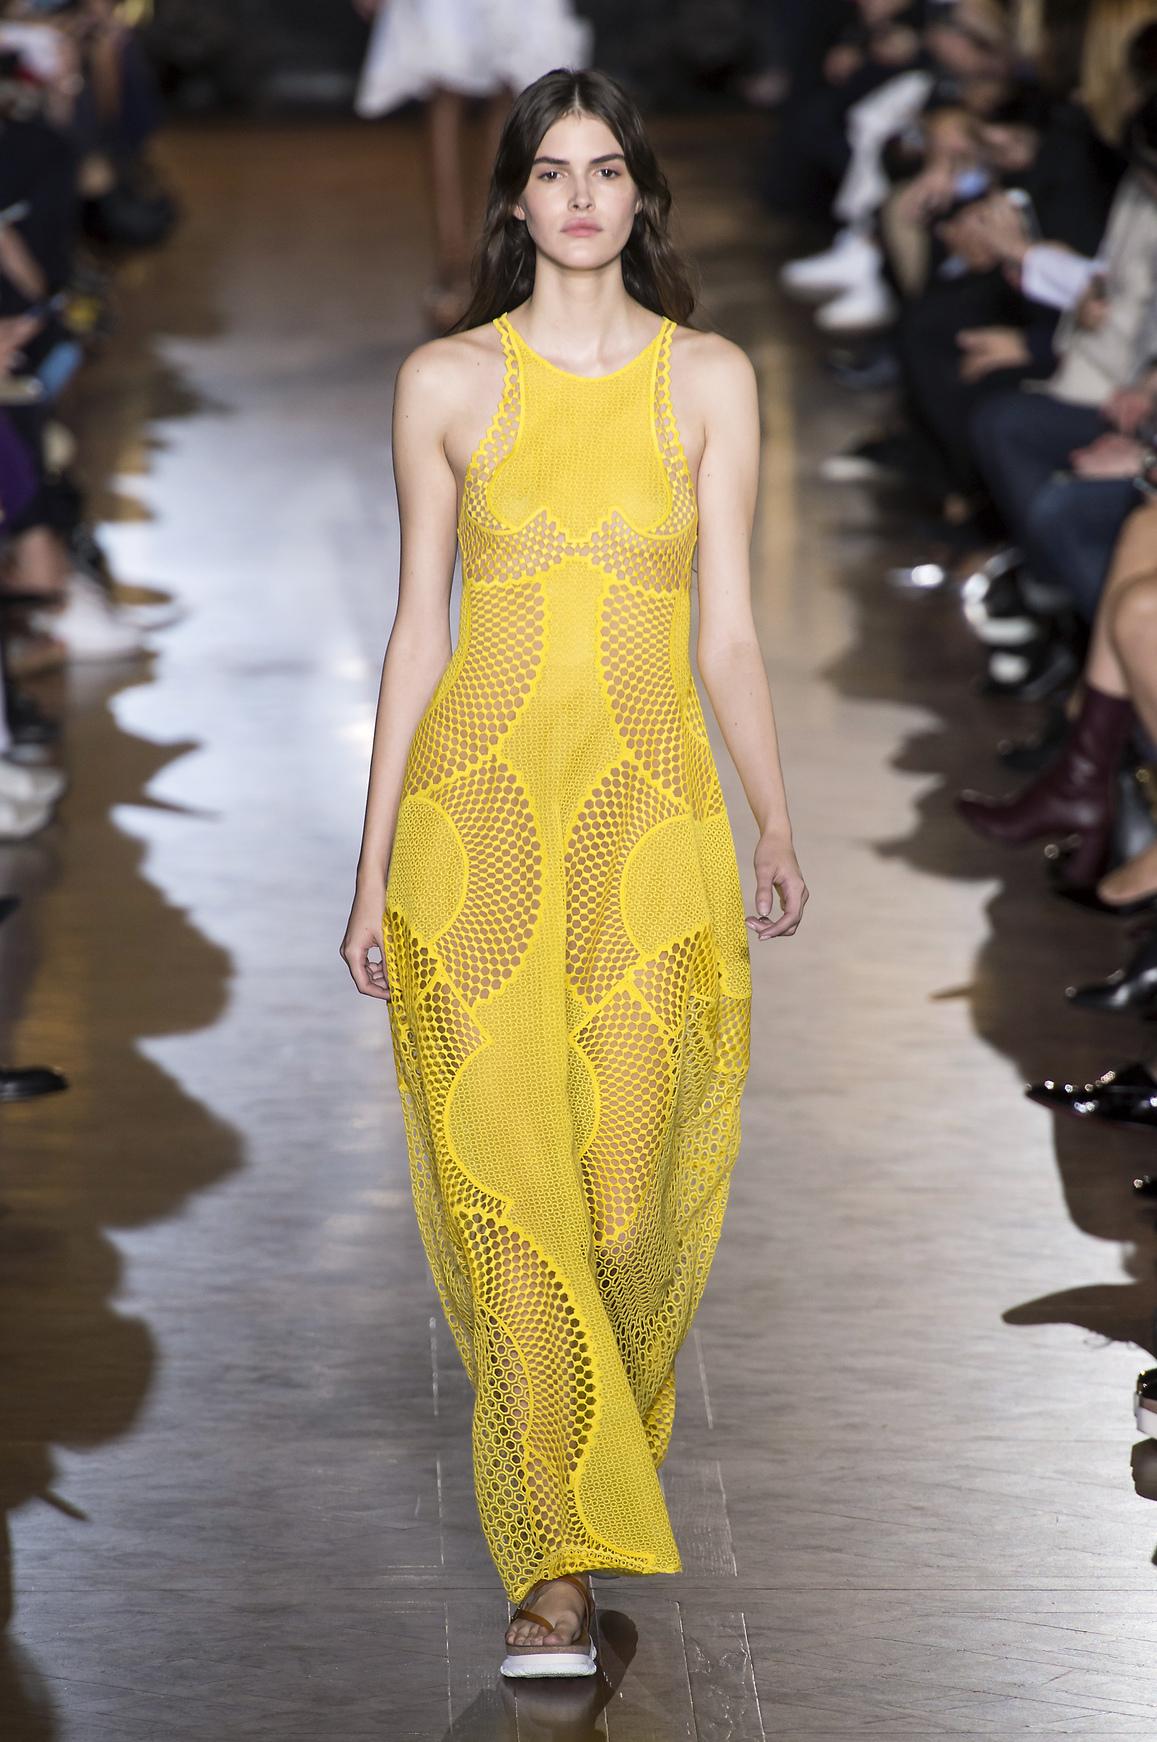 Stella McCartney prezentuje modny intensywny żółty kolor - buttercup